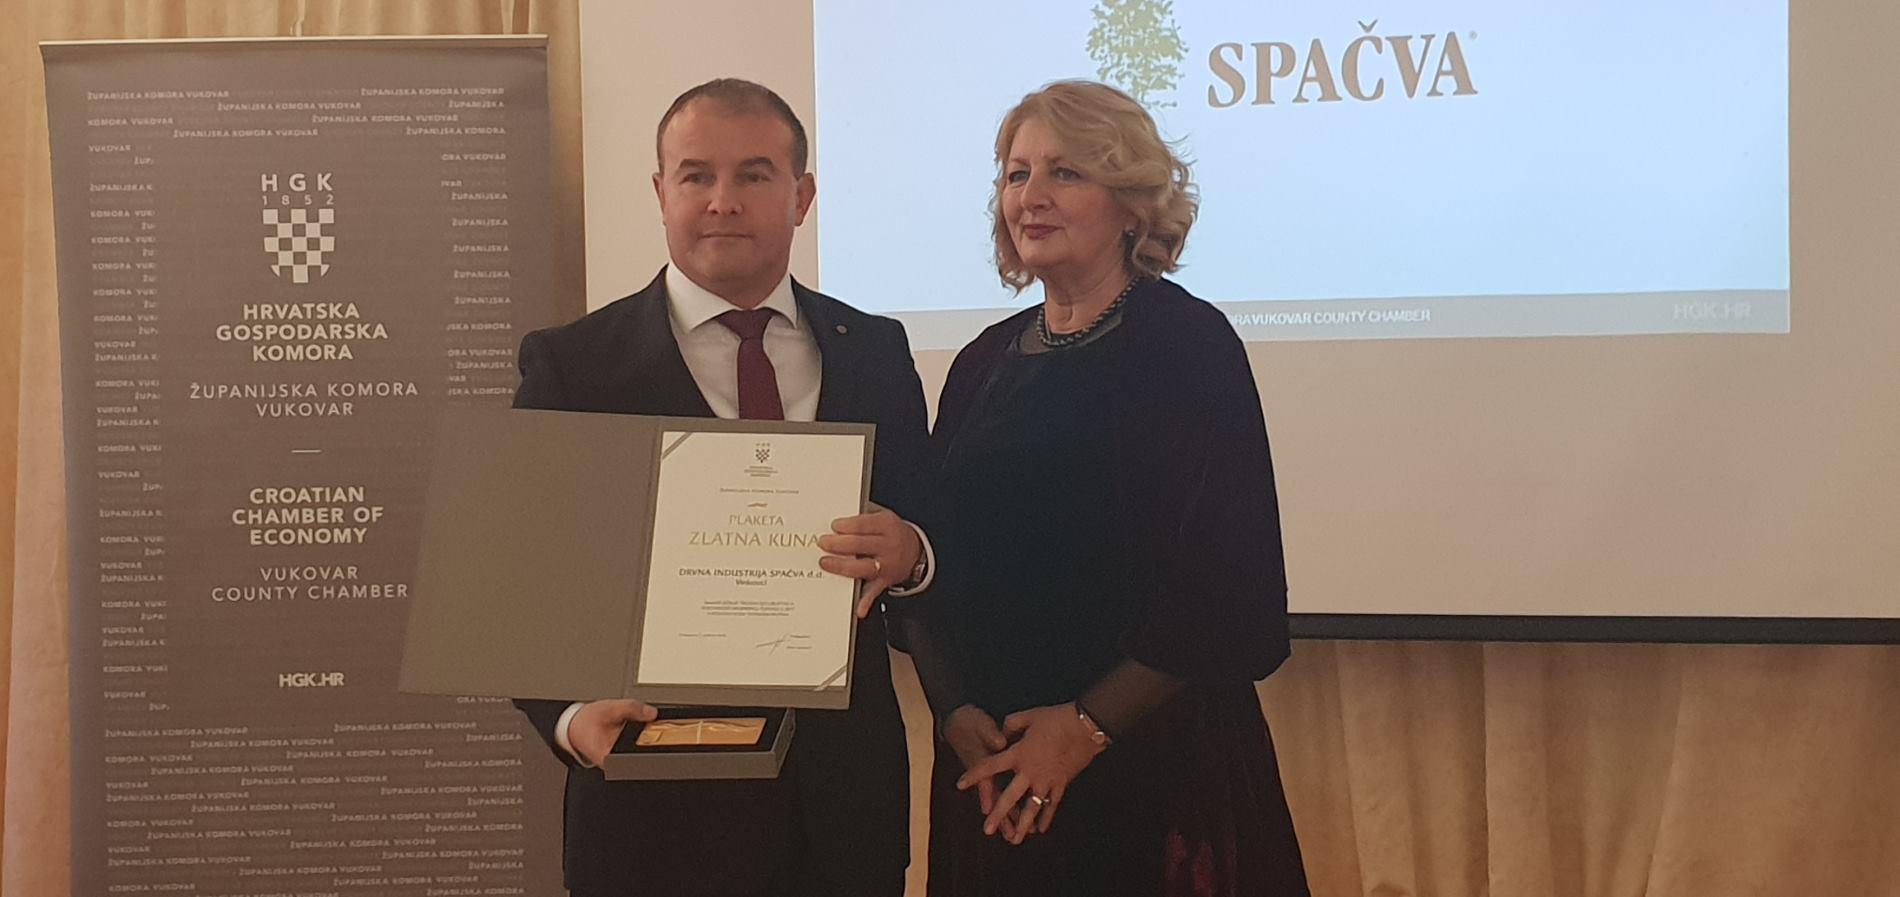 Spačva primila priznanje Zlatna kuna od Gospodarskog vijeća Županijske komore Vukovar